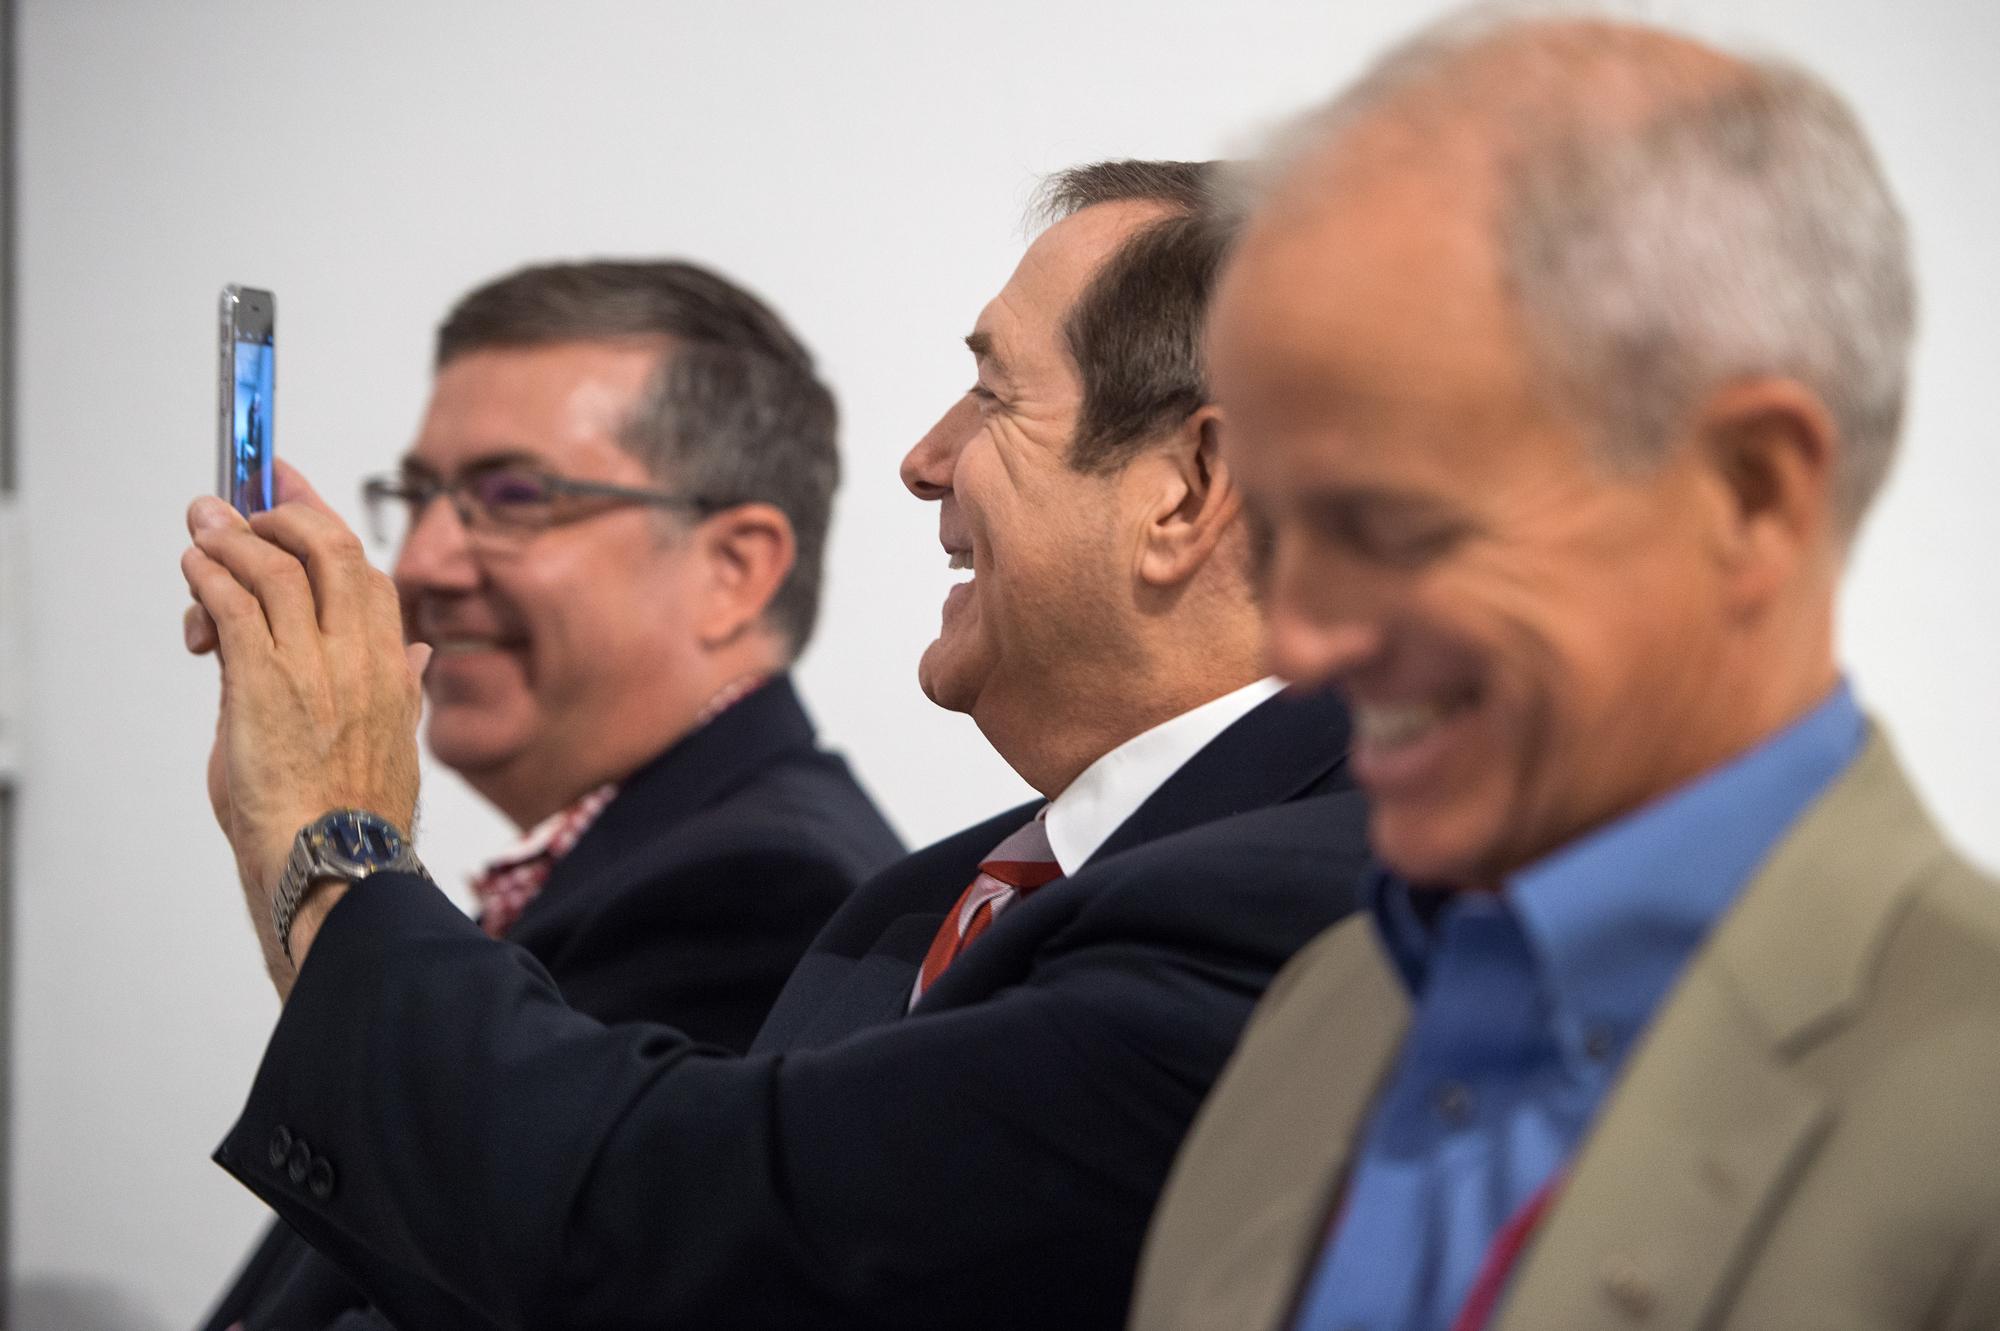 WSU President, Kirk Schulz; Jordan D. Schnitzer, Philanthropist; H.S. Wright, III